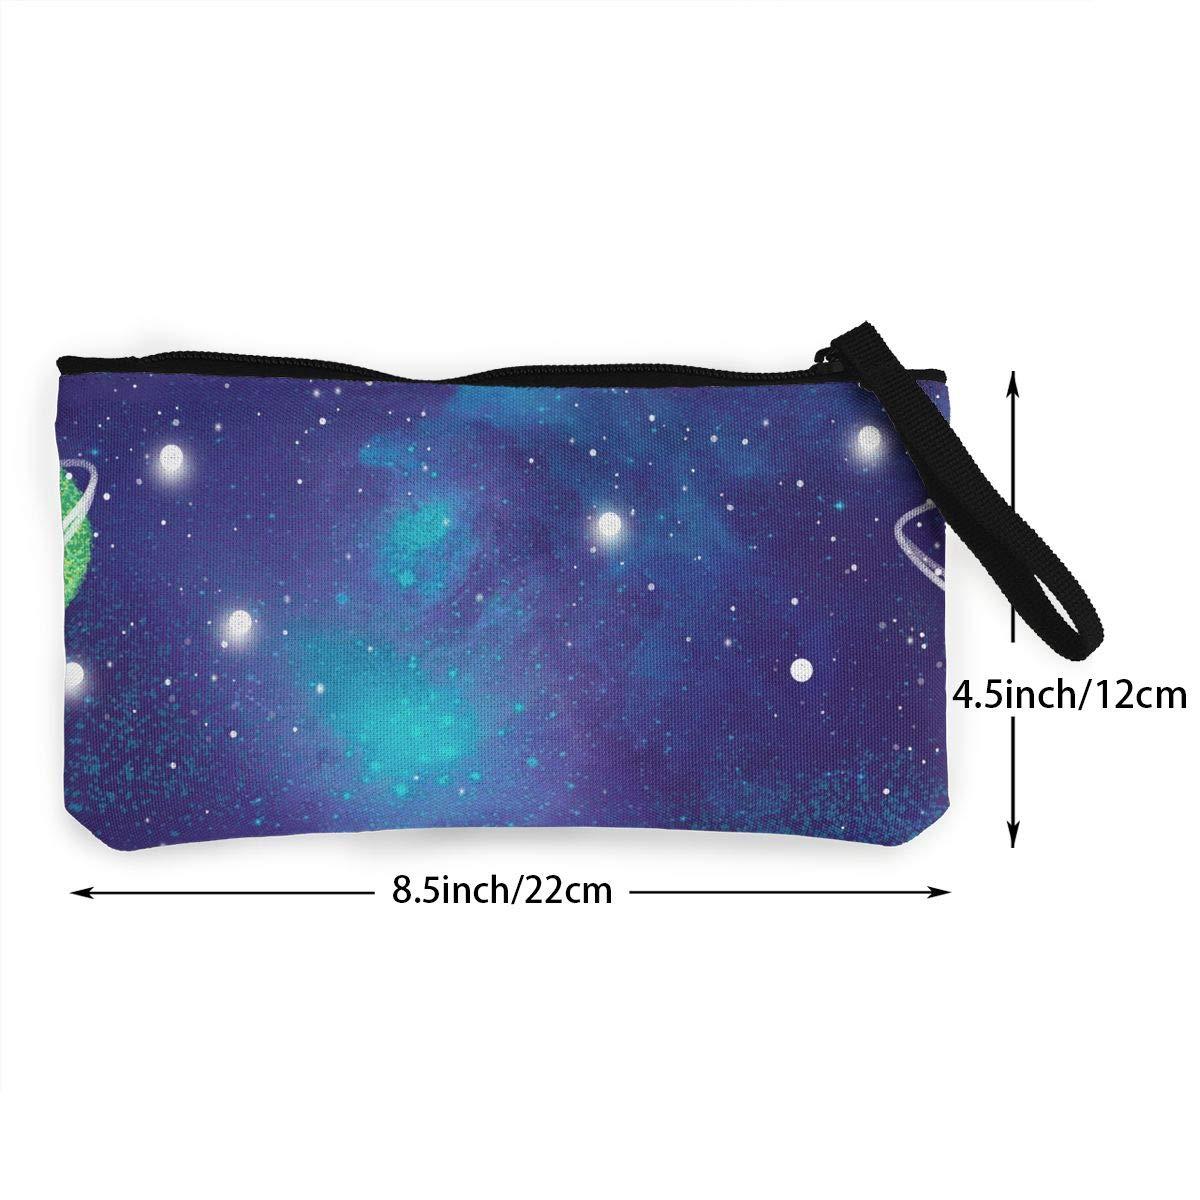 Fjhufe Cosmic Explosioncanvas Bag Cute,useful,unisex,stylish,good Quality